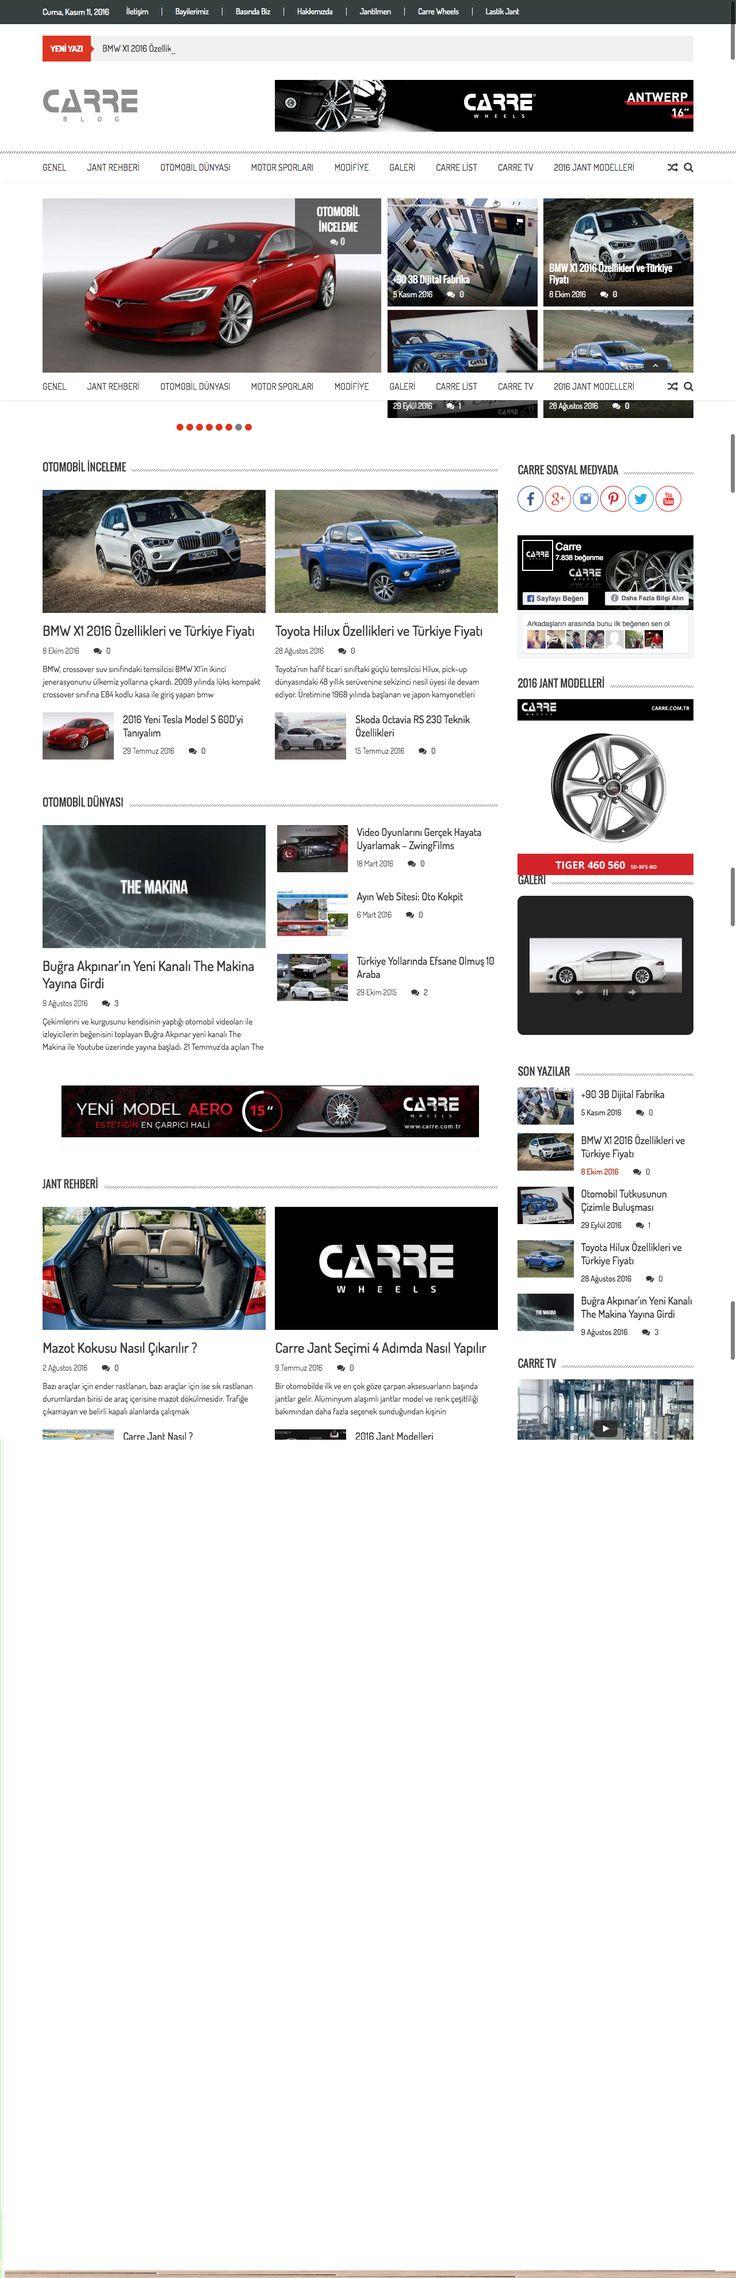 Carre Blog Web Tasarım #webtasarım #webdesign #wordpress #carreblog